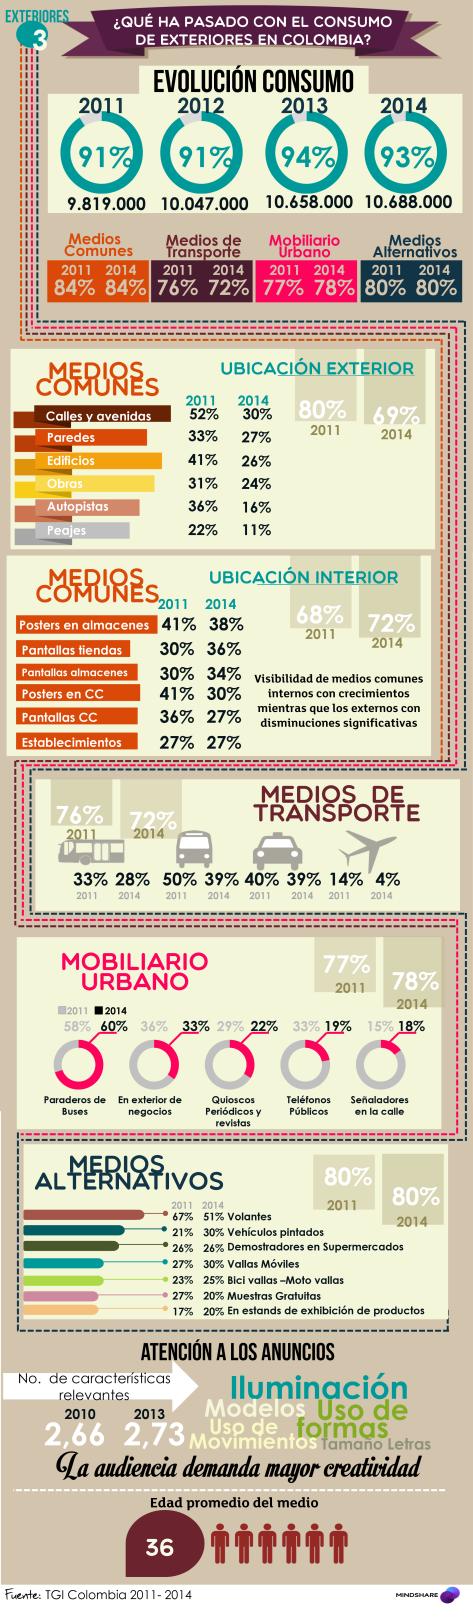 Panorama-de-medios-Exteriores-2014